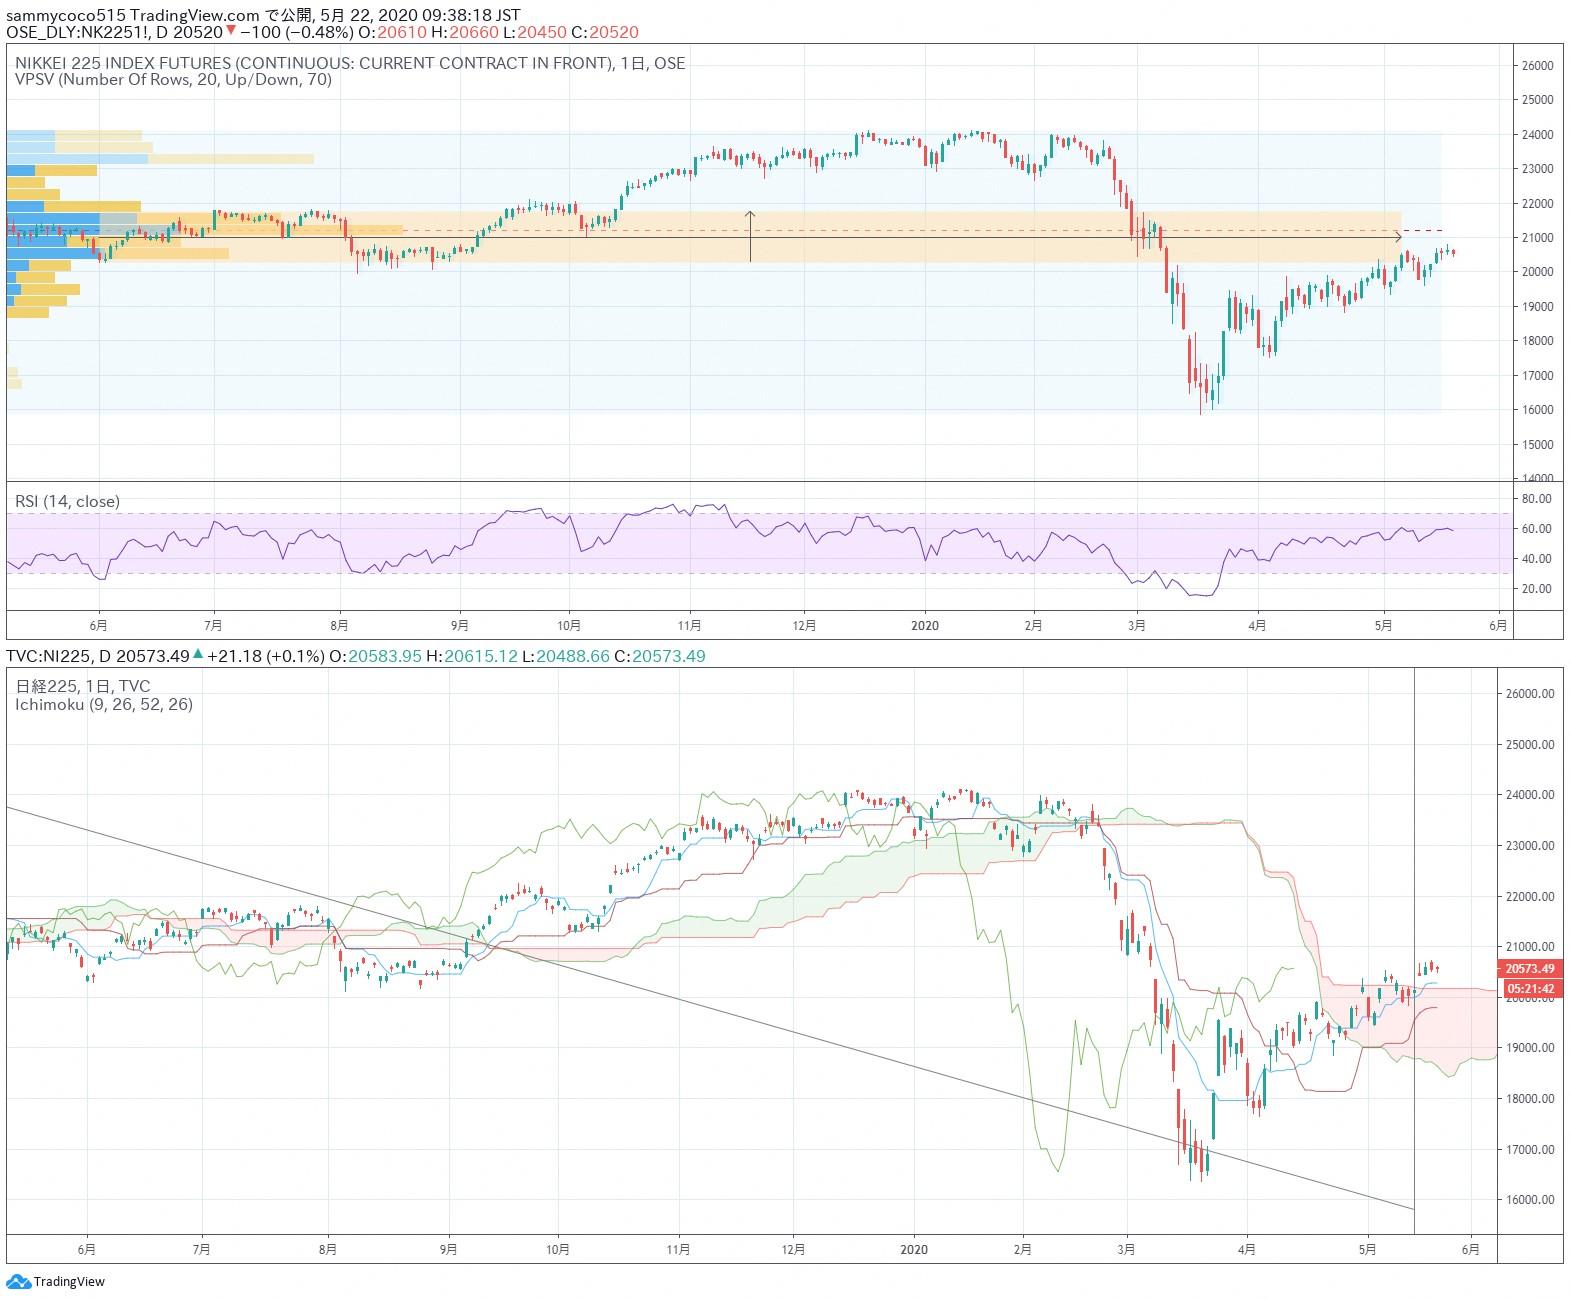 东京外汇股市日评:日经指数期货小幅回落,美元兑日元汇率横盘整理